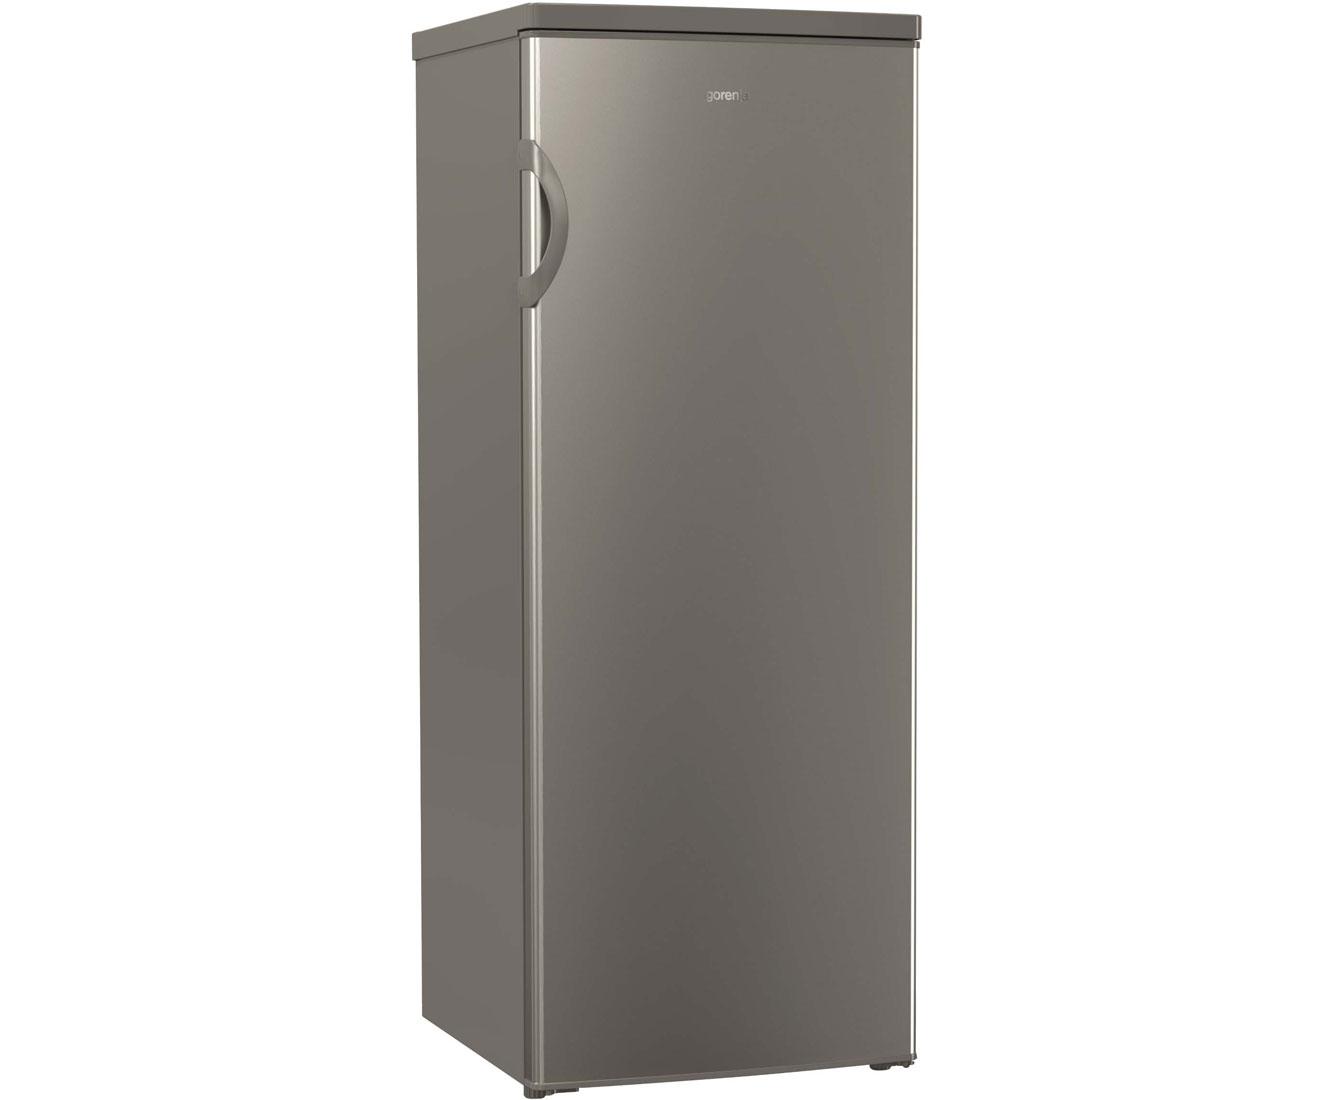 Gorenje Kühlschrank Qualität : Gorenje rb anx kühlschrank edelstahl optik a